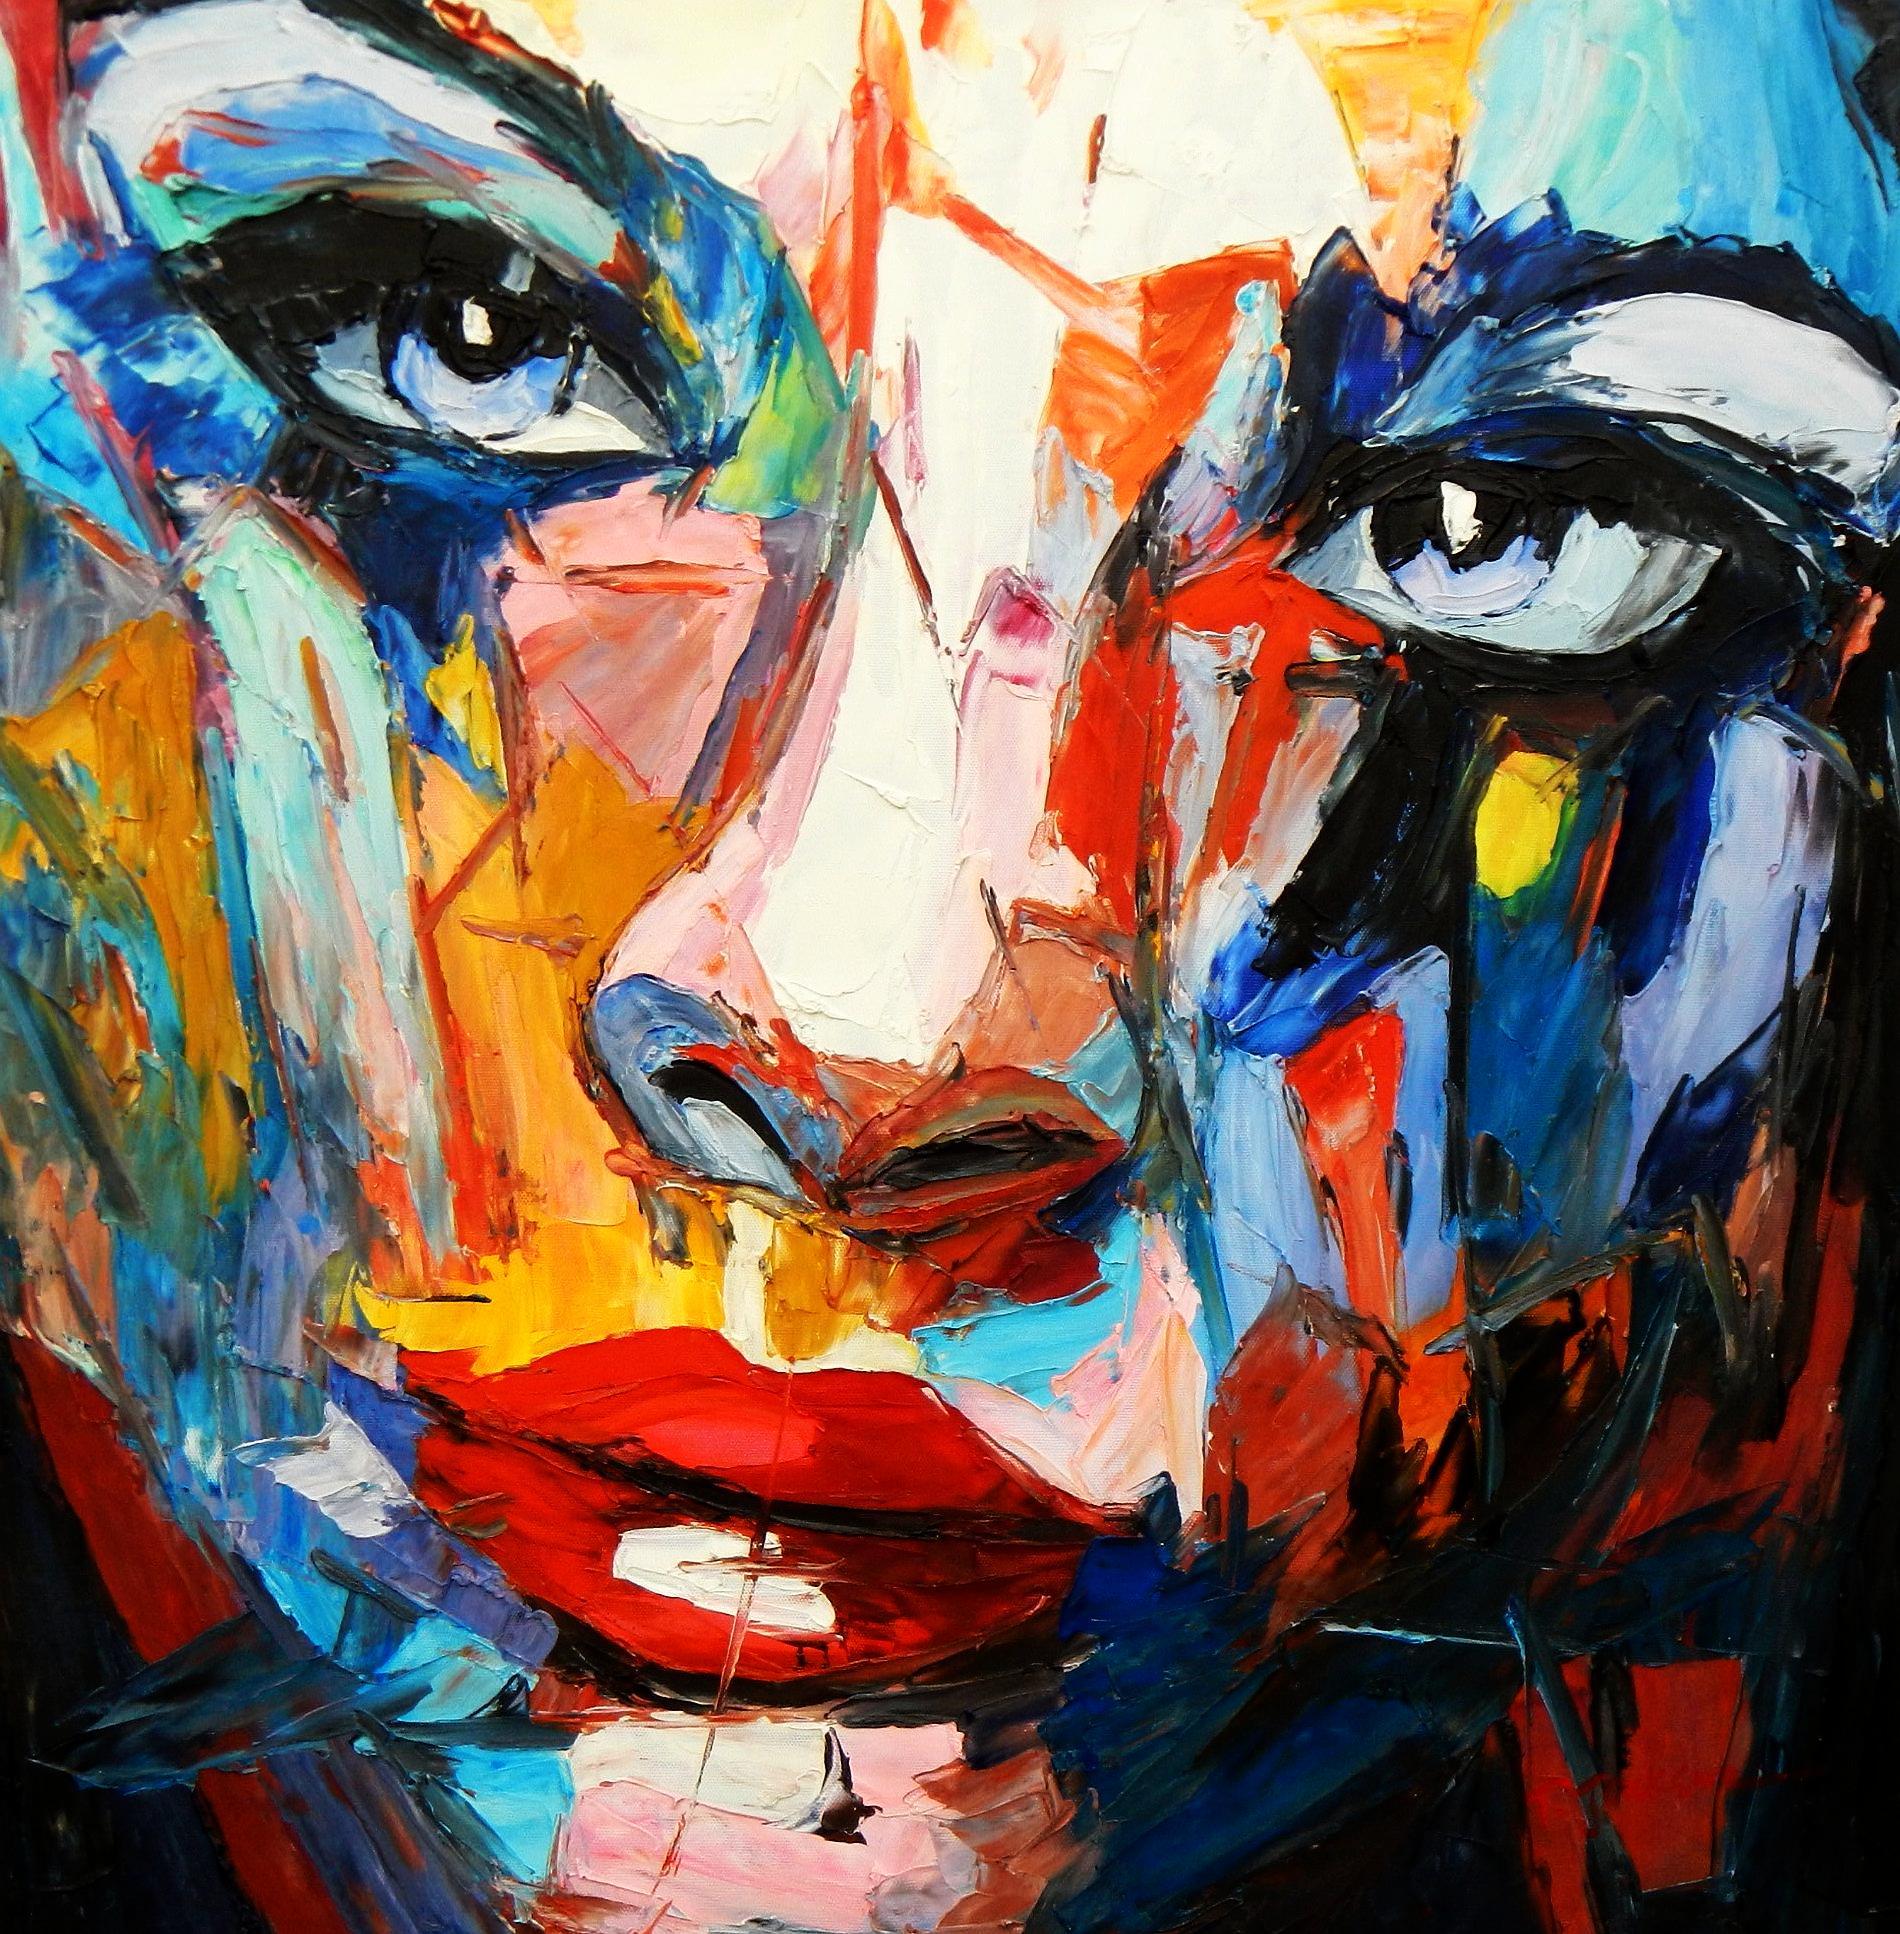 Modern Art - Die Schönheit II e94625 60x60cm beeindruckendes Gemälde